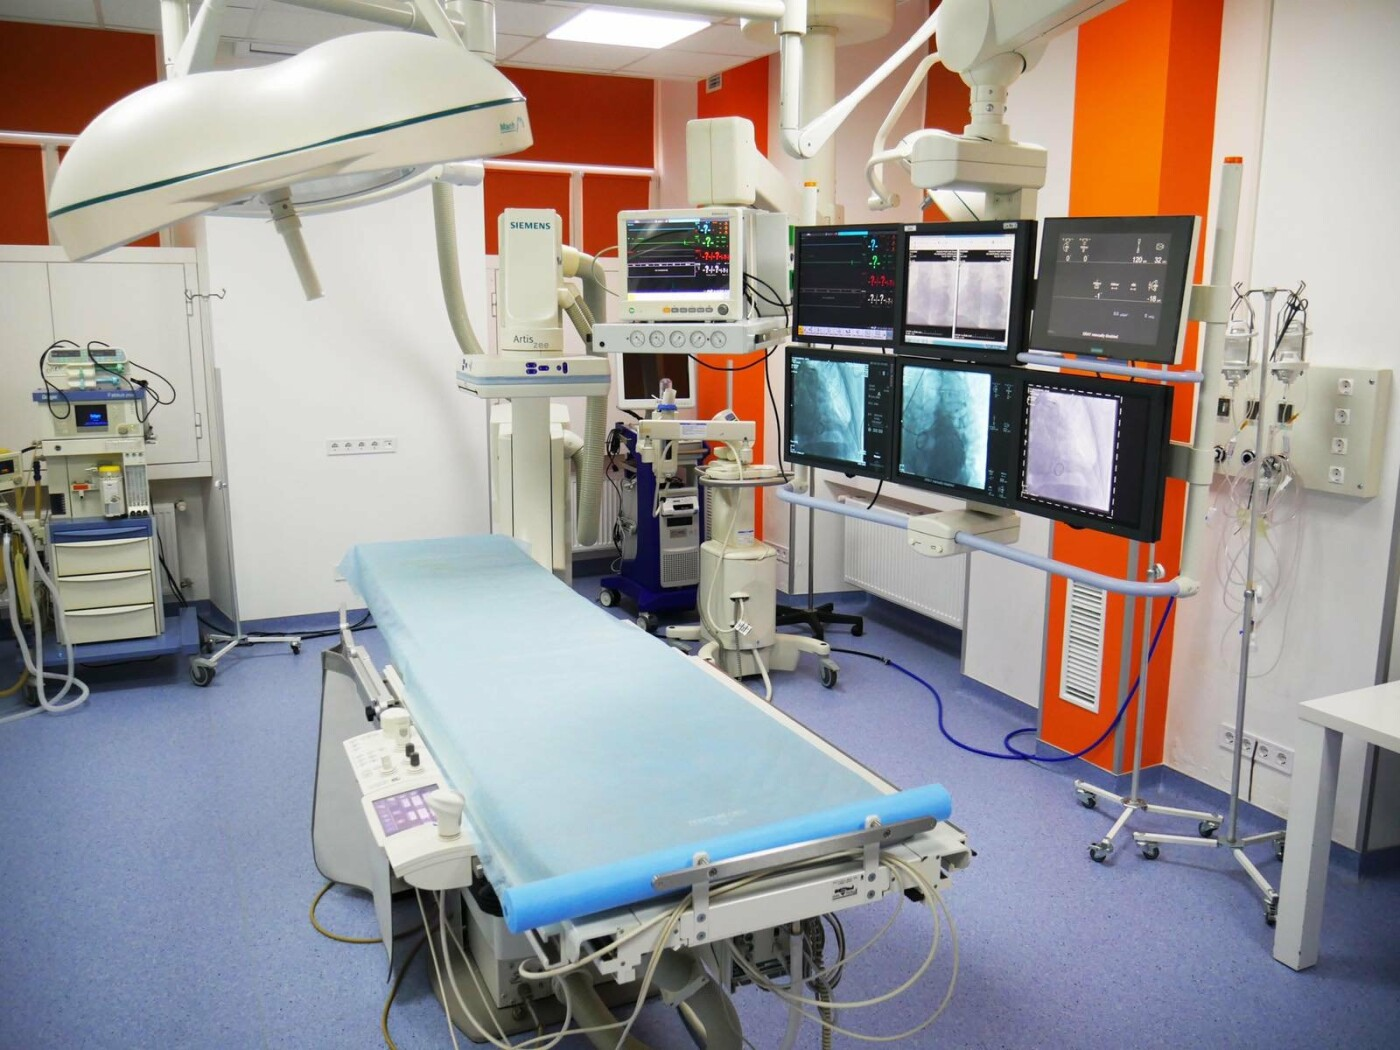 Приватні клініки та медичні центри Львова, фото-26